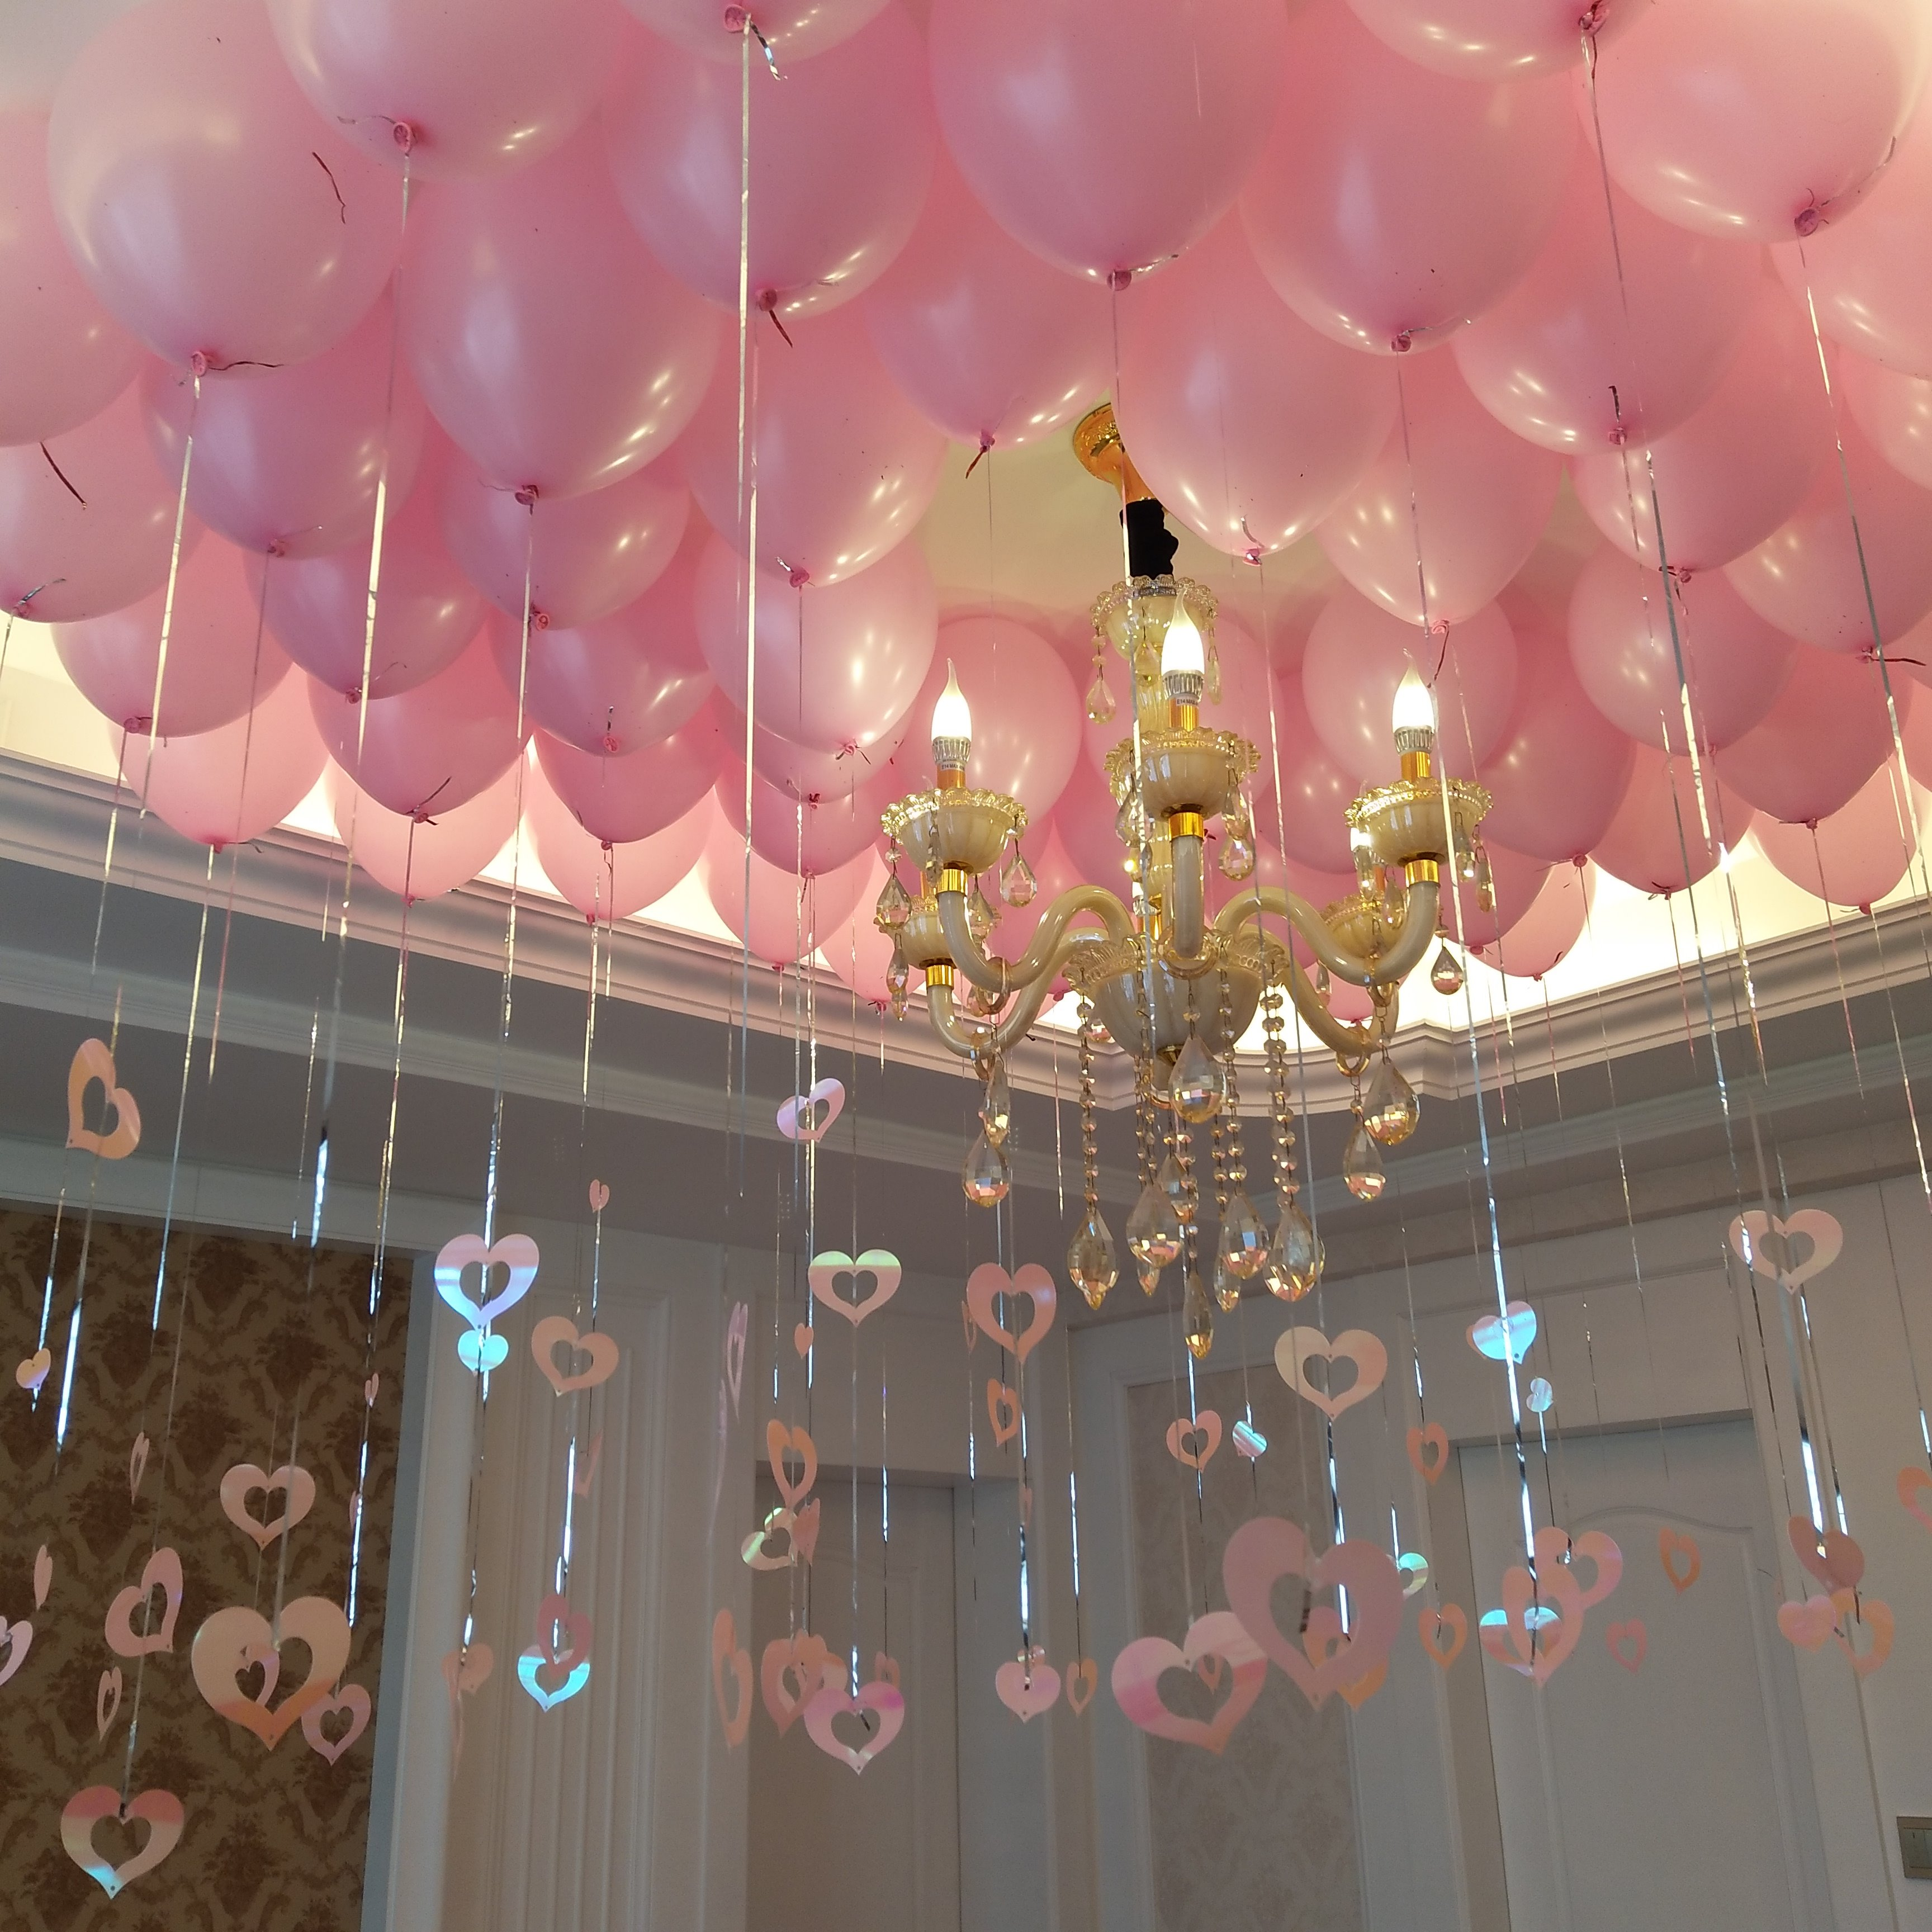 Воздушные шары / Насосы для воздушных шаров / Гелий Артикул 569339886145